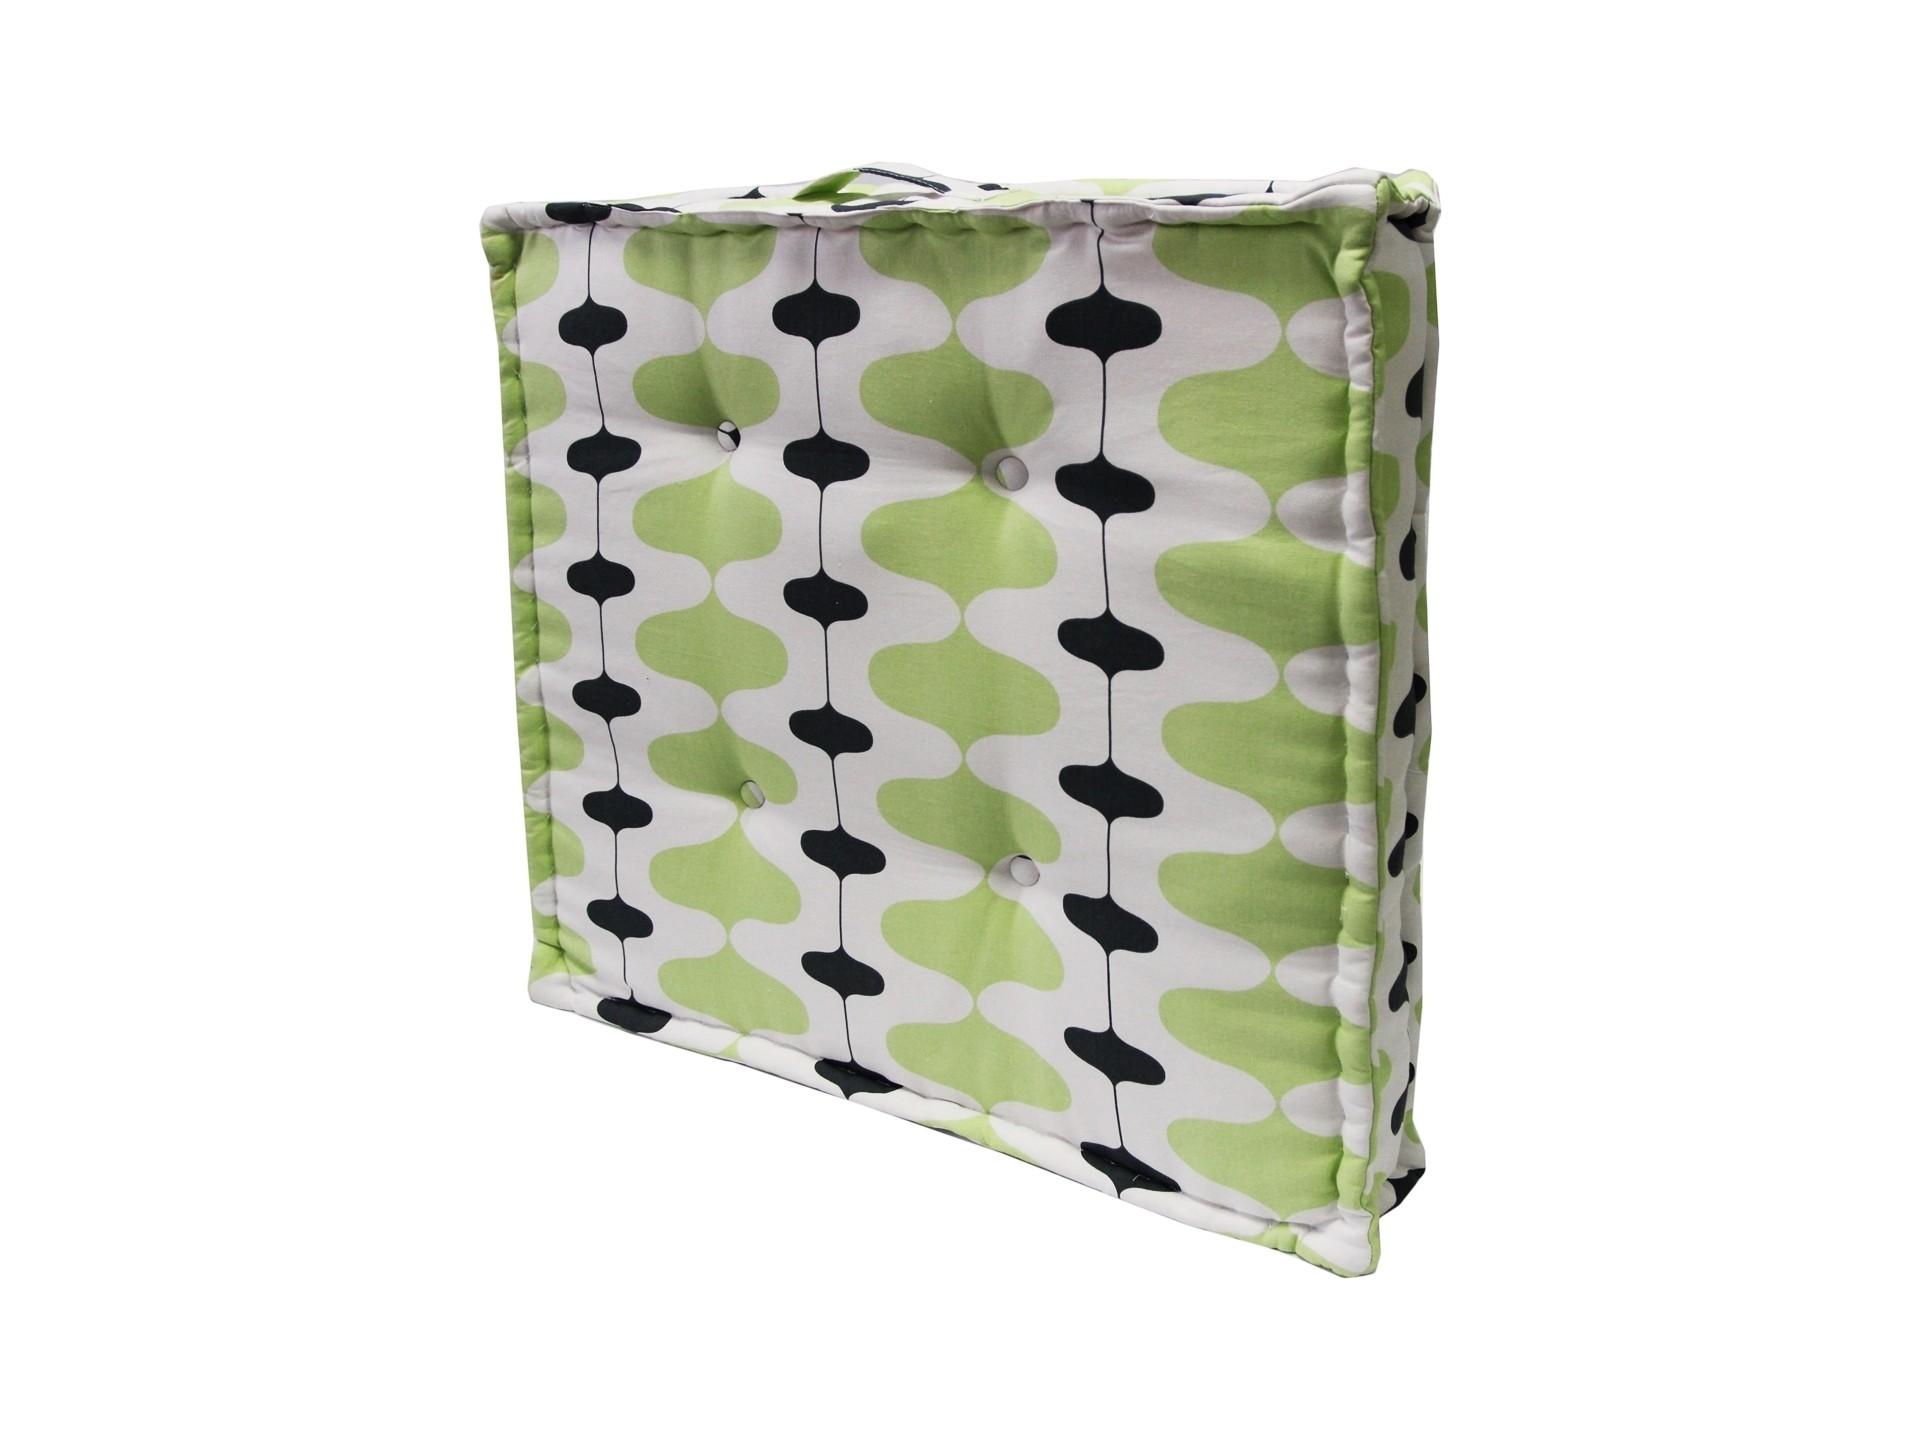 Подушка на пол Ivon KiwiКвадратные подушки<br>Подушка на пол  станет ярким акцентом в вашем интерьере. Высококачественный материал приятен и безопасен даже для самой чувствительной кожи.  Оригинальная подушка сделает пространство стильным и уютным.<br><br>Material: Хлопок<br>Width см: 70<br>Depth см: 70<br>Height см: 10